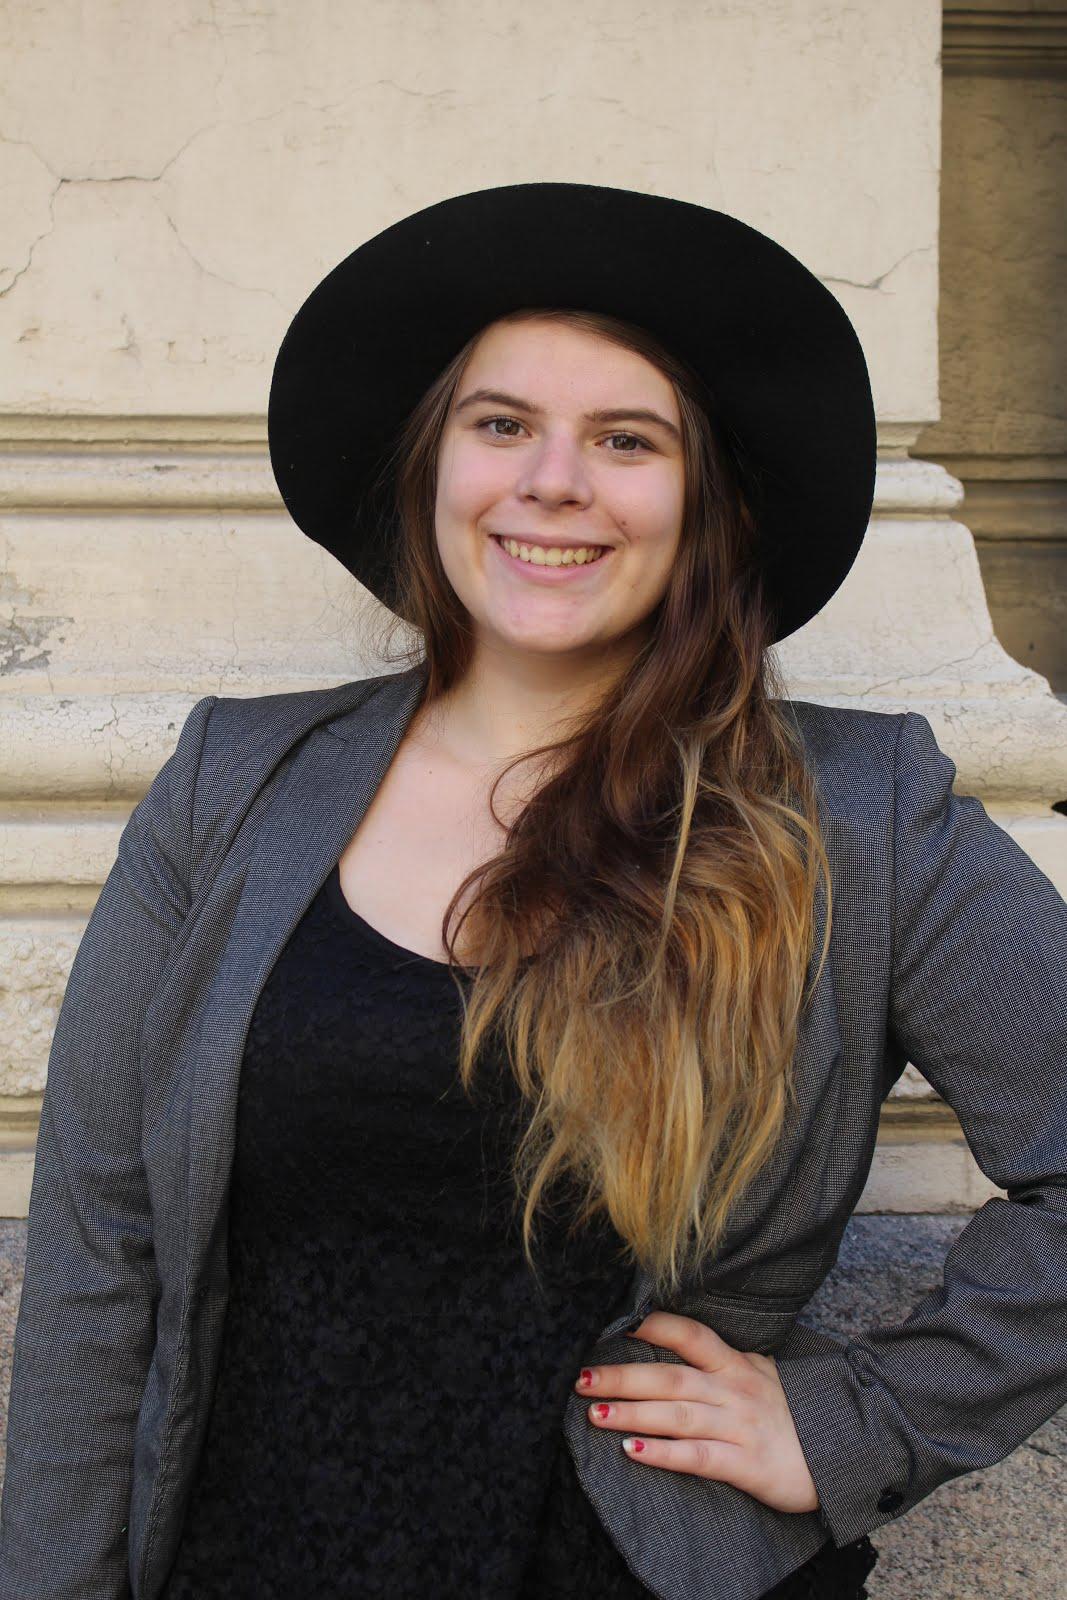 Sanna, 21